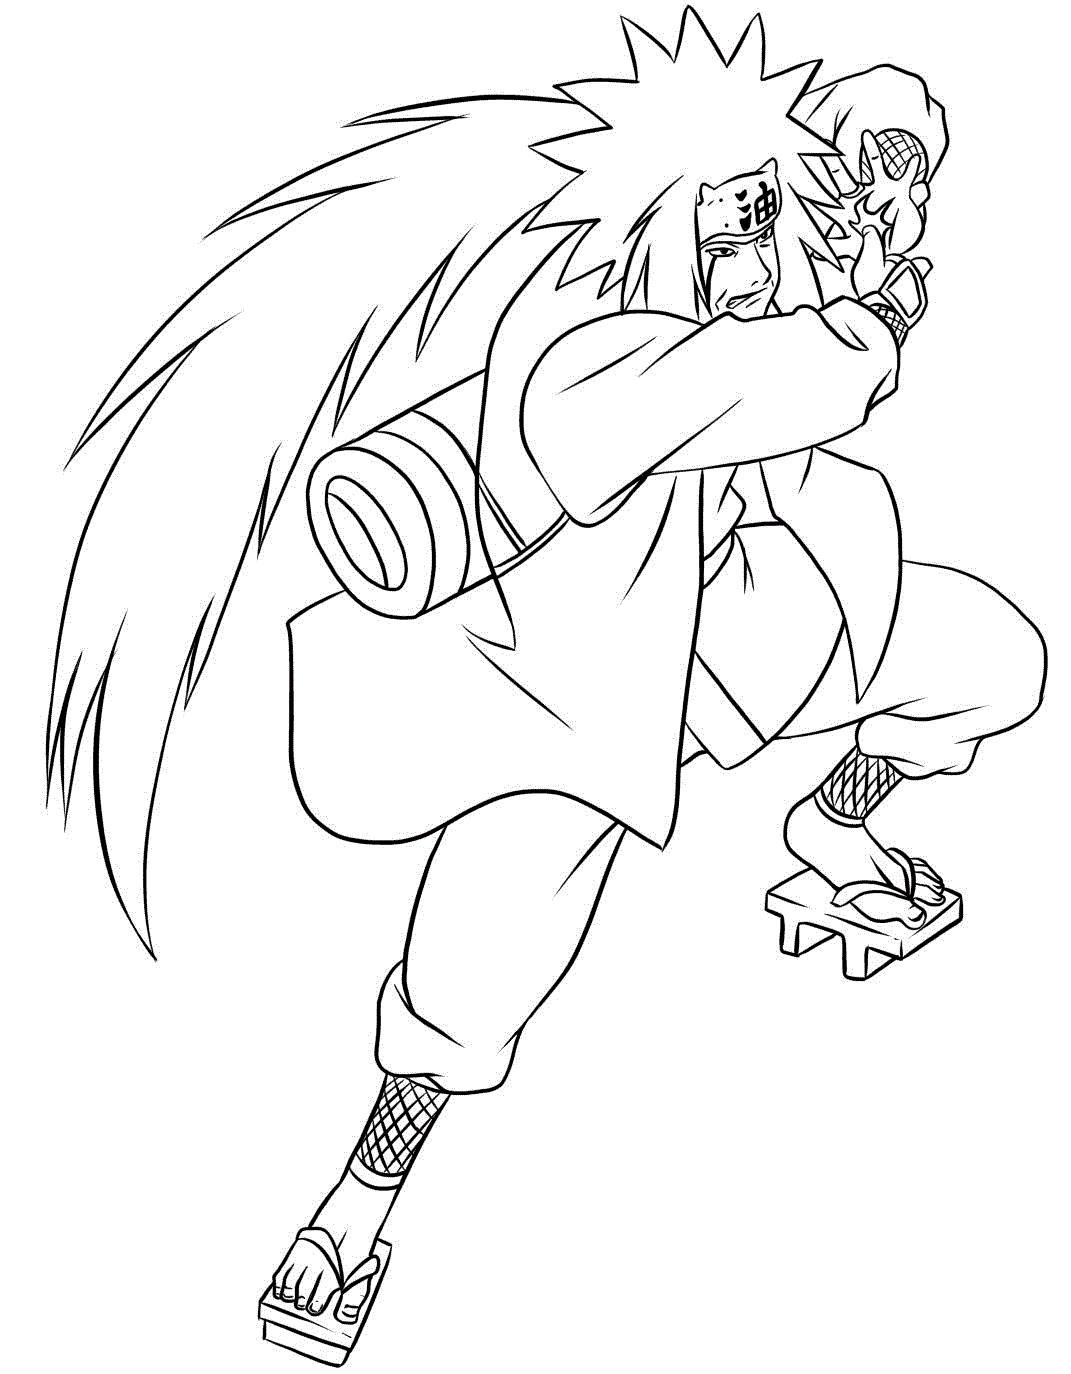 Джирайя из аниме наруто Раскраски с цветами распечатать бесплатно